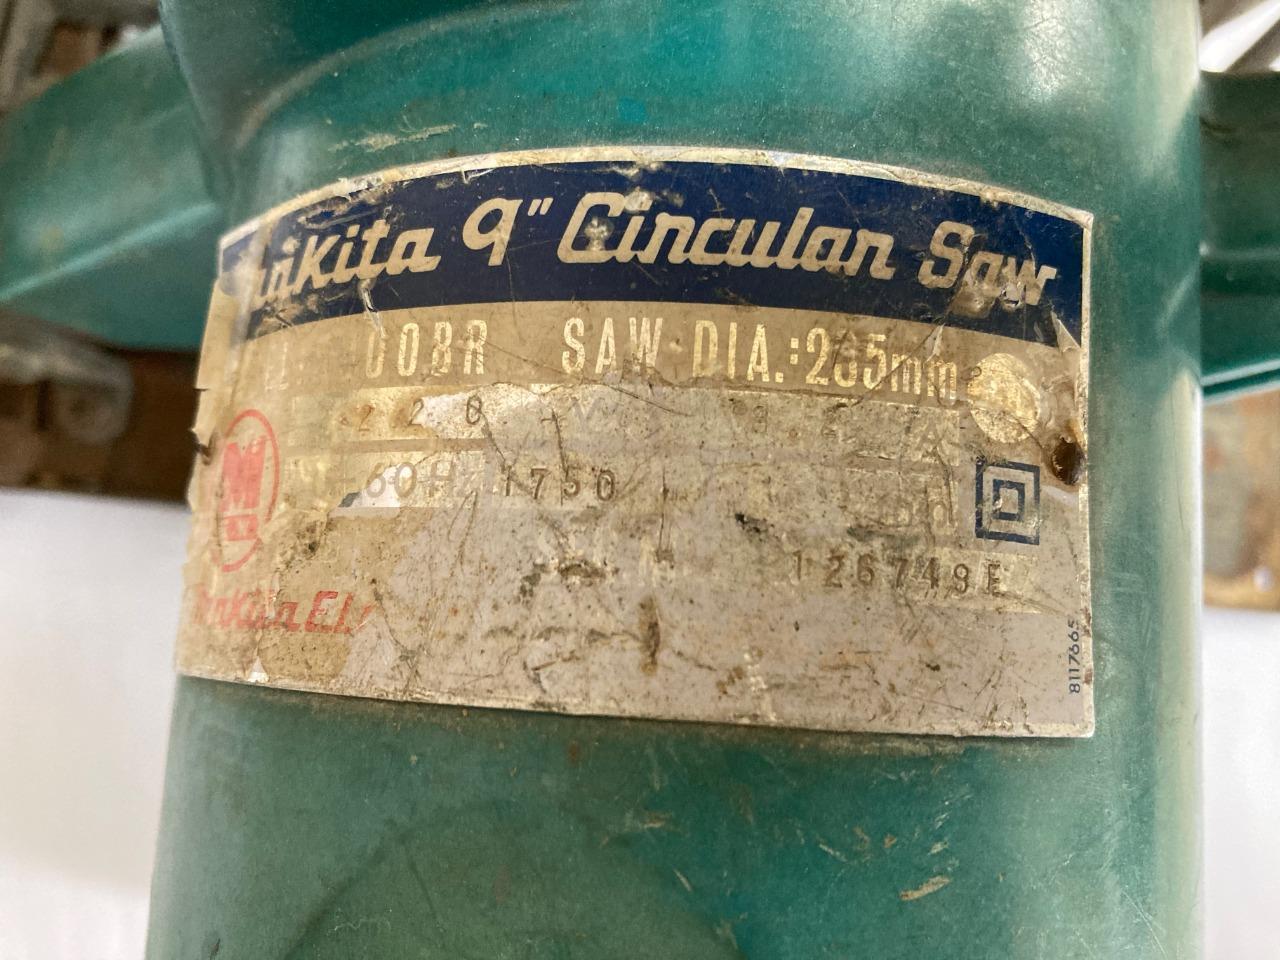 Makita Circular Saw for Sale!